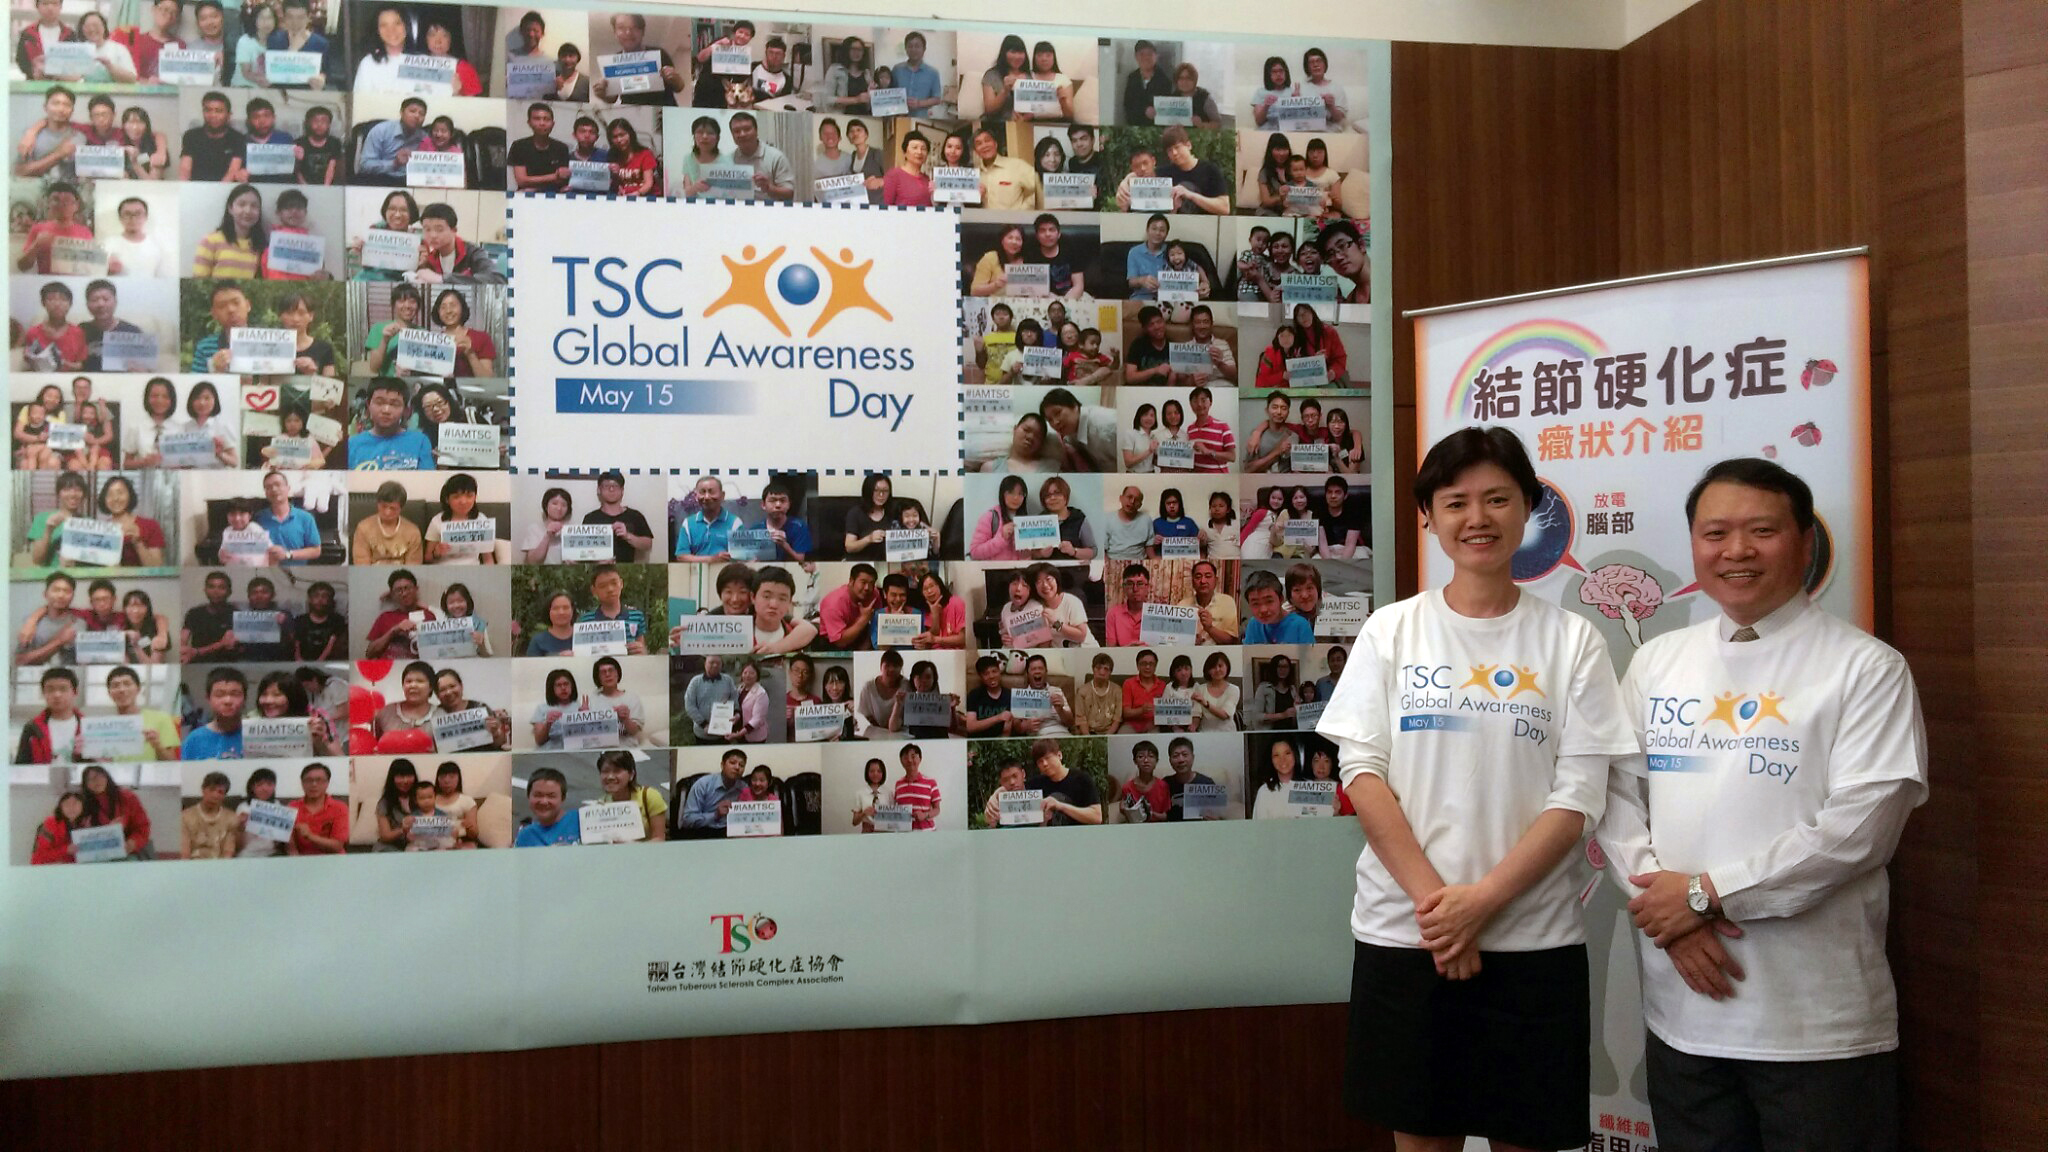 代表協會出席的新任會長魯賢龍(右)與秘書長樂玲(左),開心的站在由會員參與#IAMTSC活動相片,整整一面牆的氣勢,成了當天拍照的最佳背景。